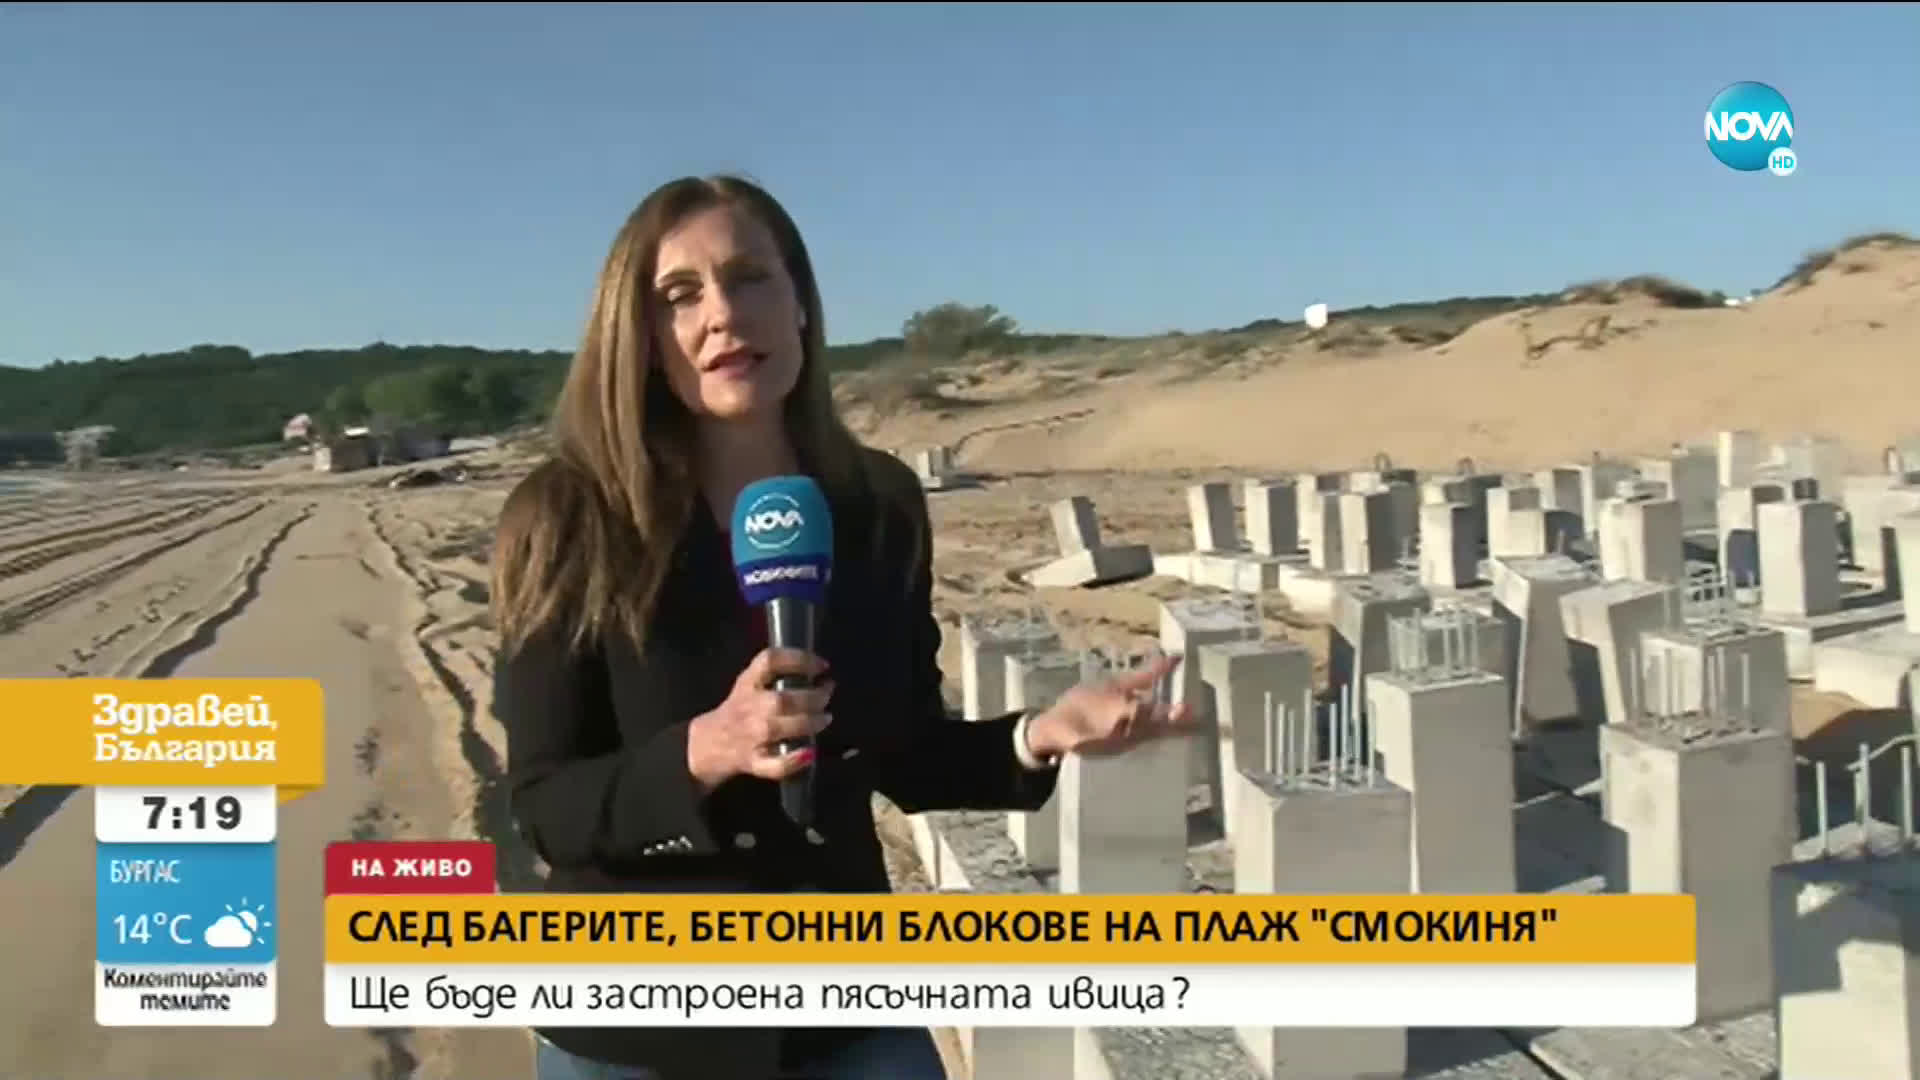 """След багерите, бетонни блокове на плаж """"Смокиня"""""""